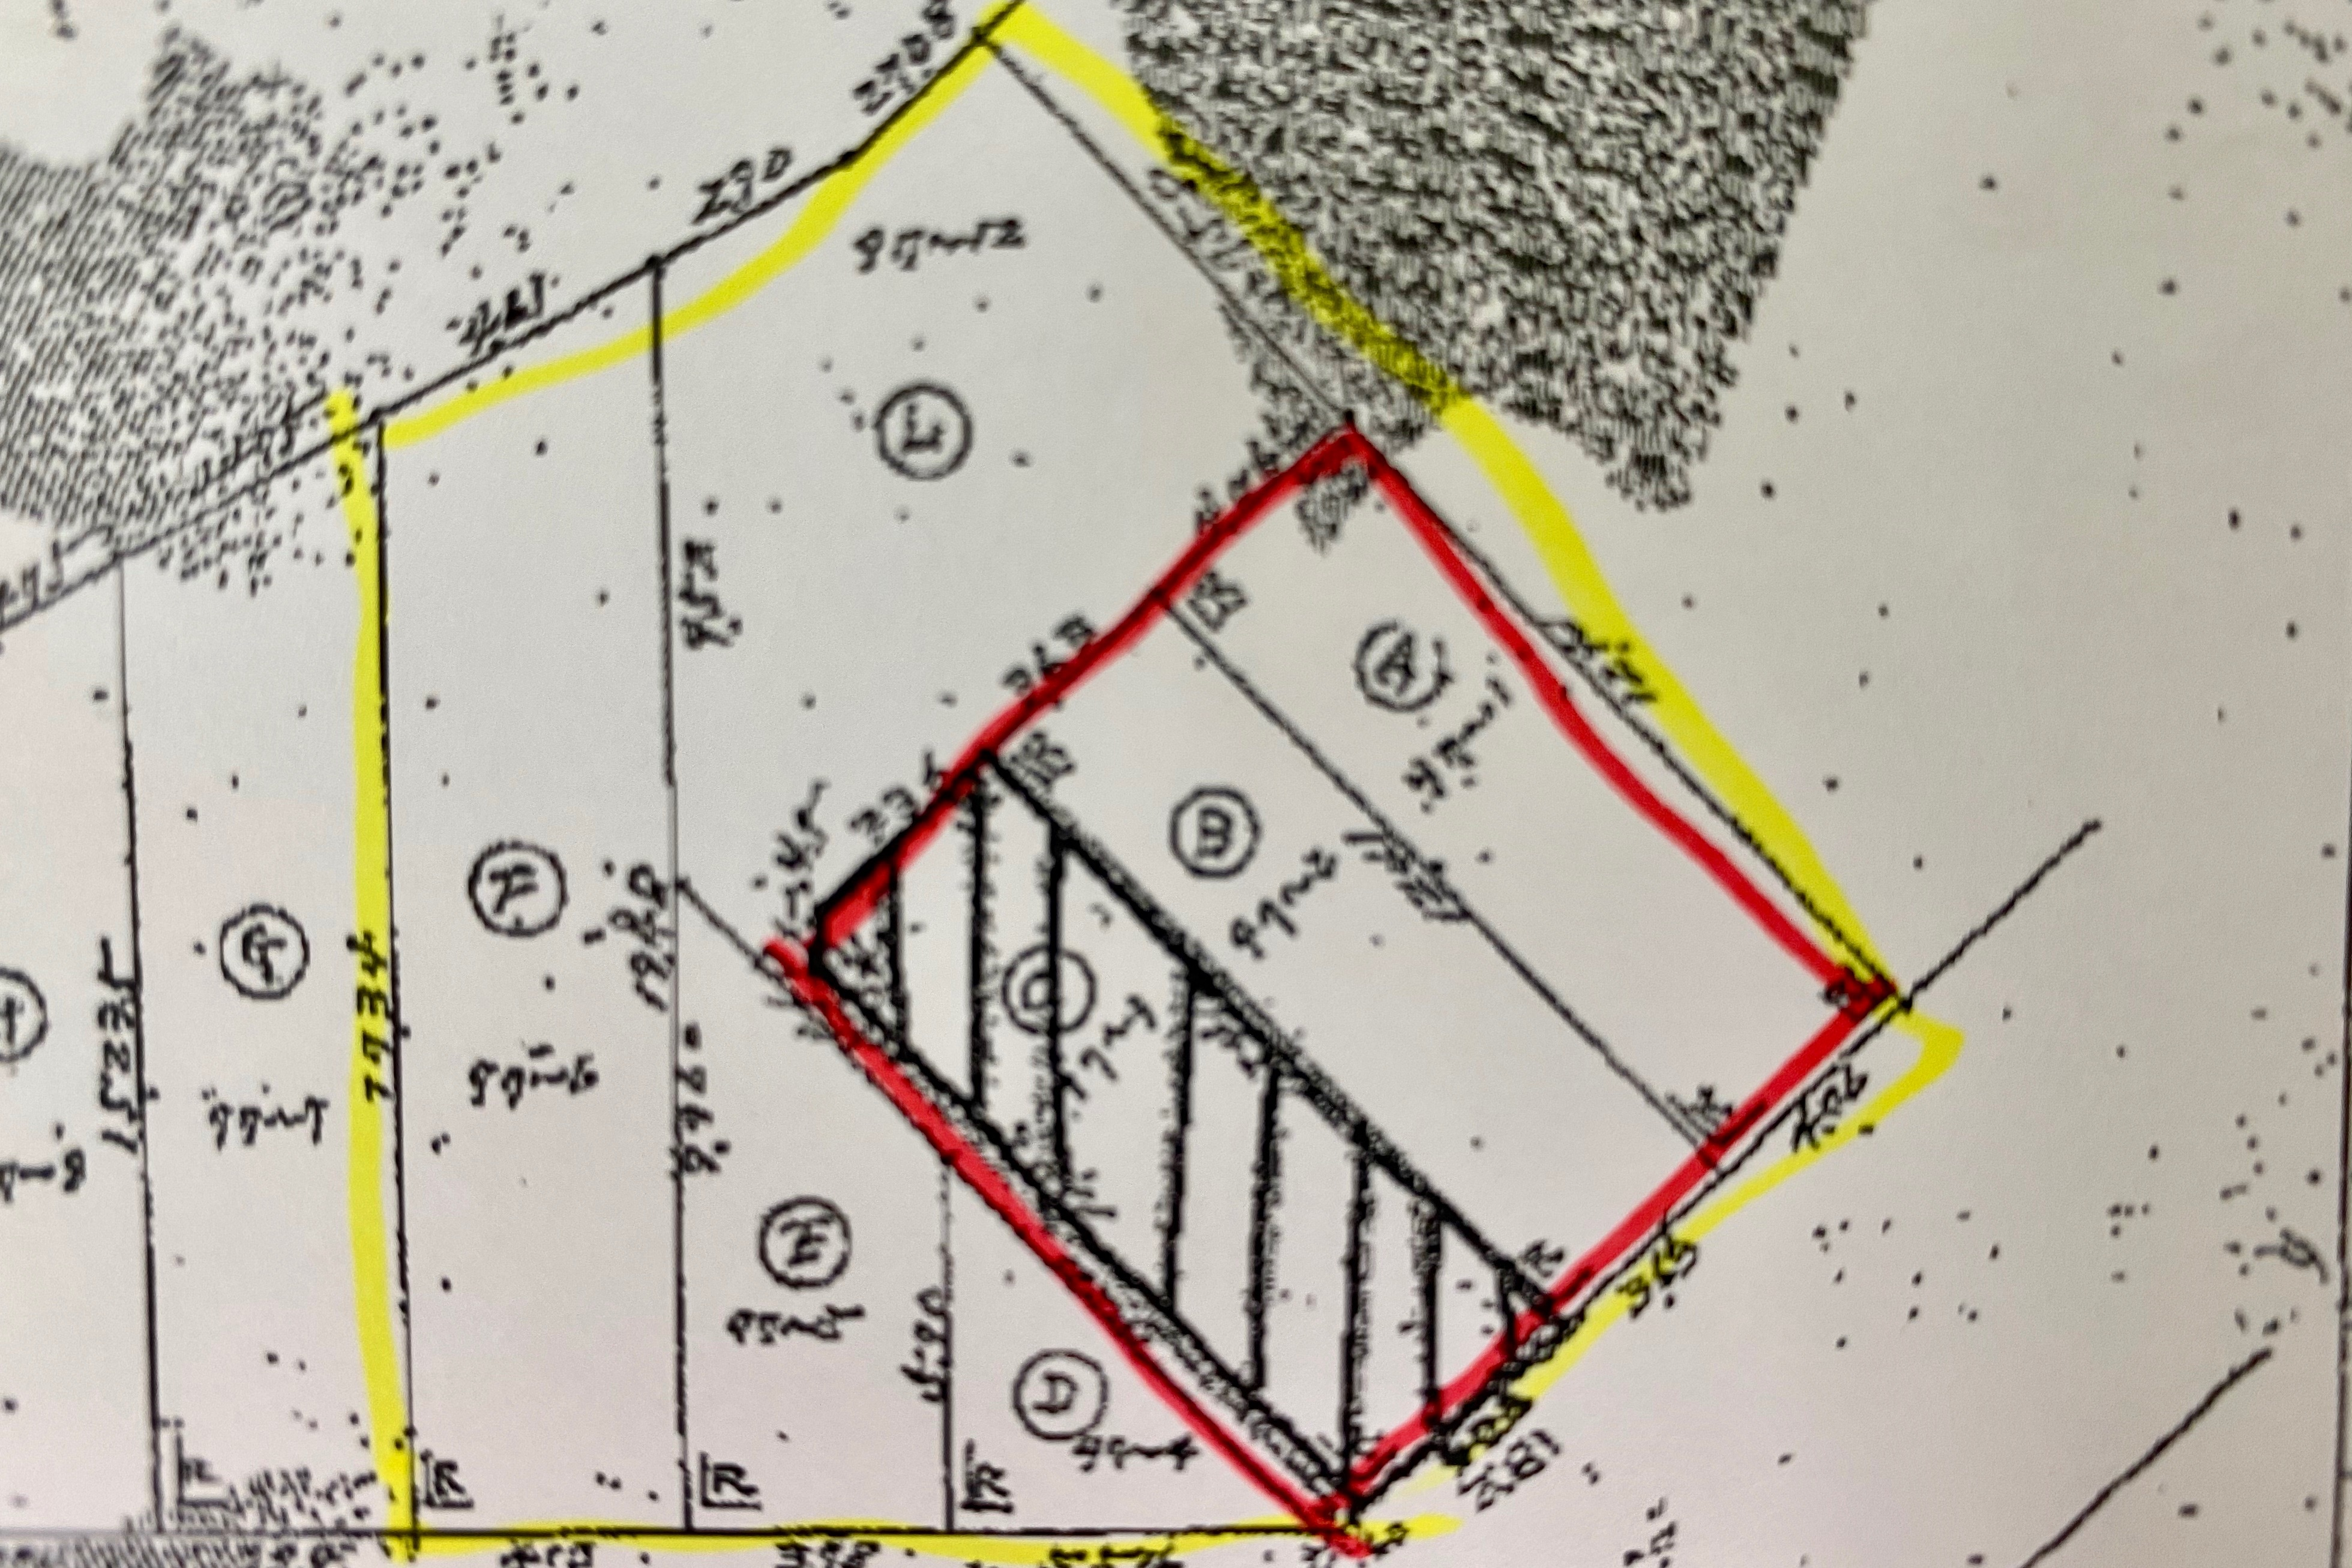 黄線は不動産会社が購入した土地。赤線は建物がたつ土地(裁判資料から、マークは編集部)